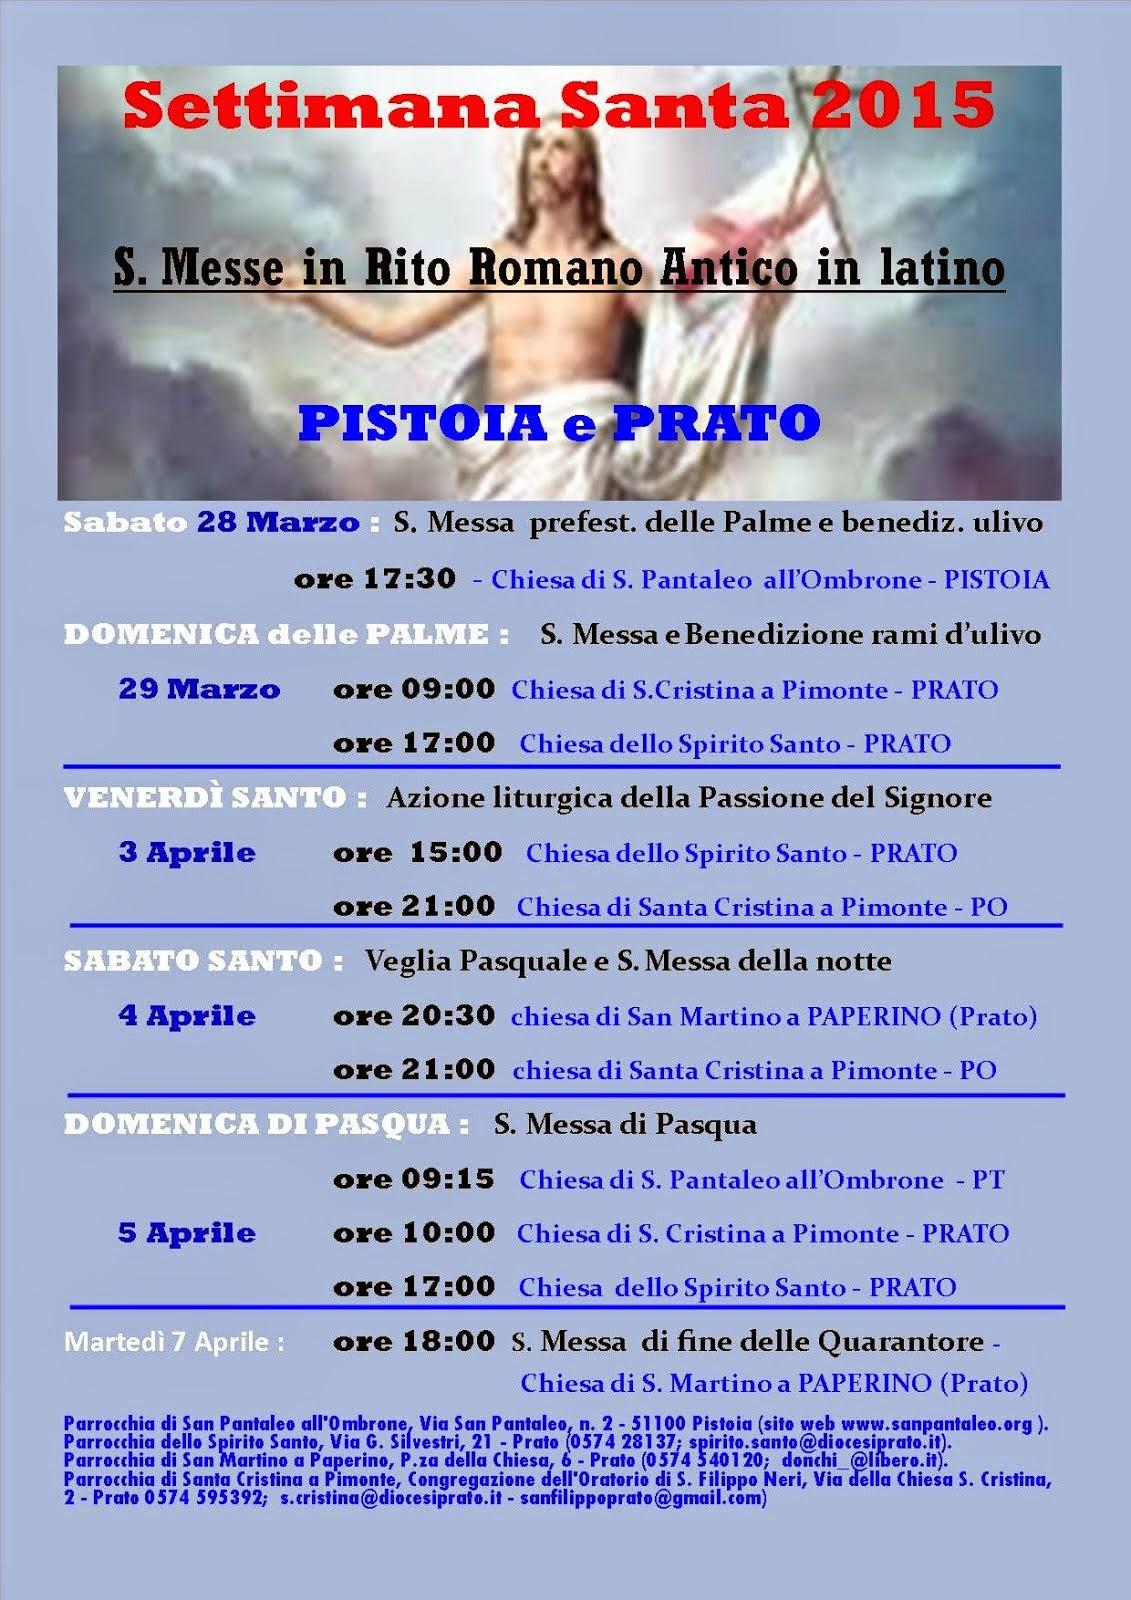 Settimana Santa in Rito antico a Prato e Pistoia